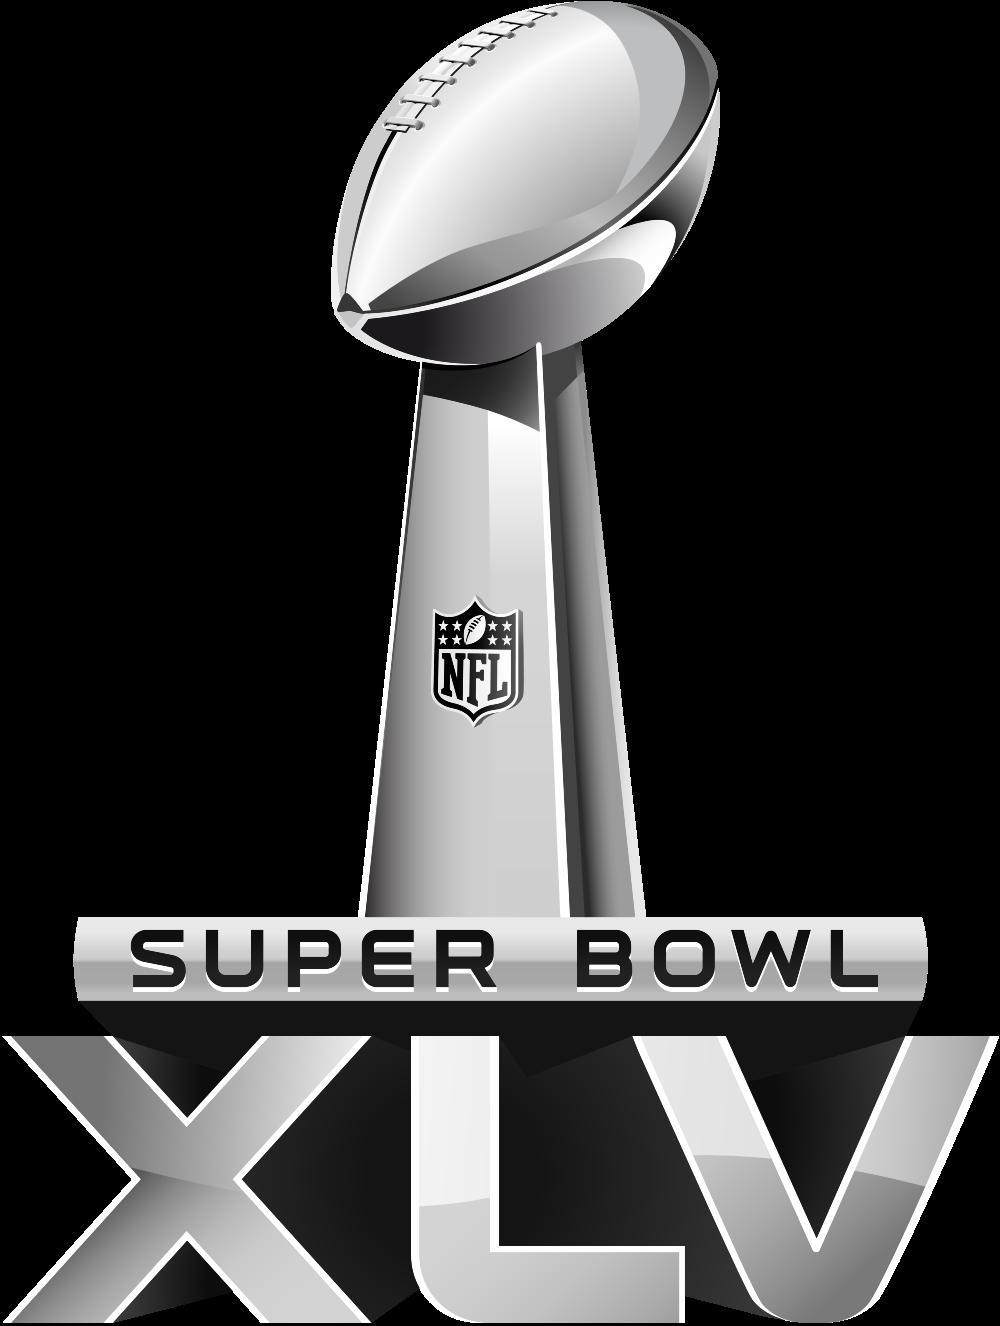 Super Bowl XLV - Super Bowl Logo Vector PNG